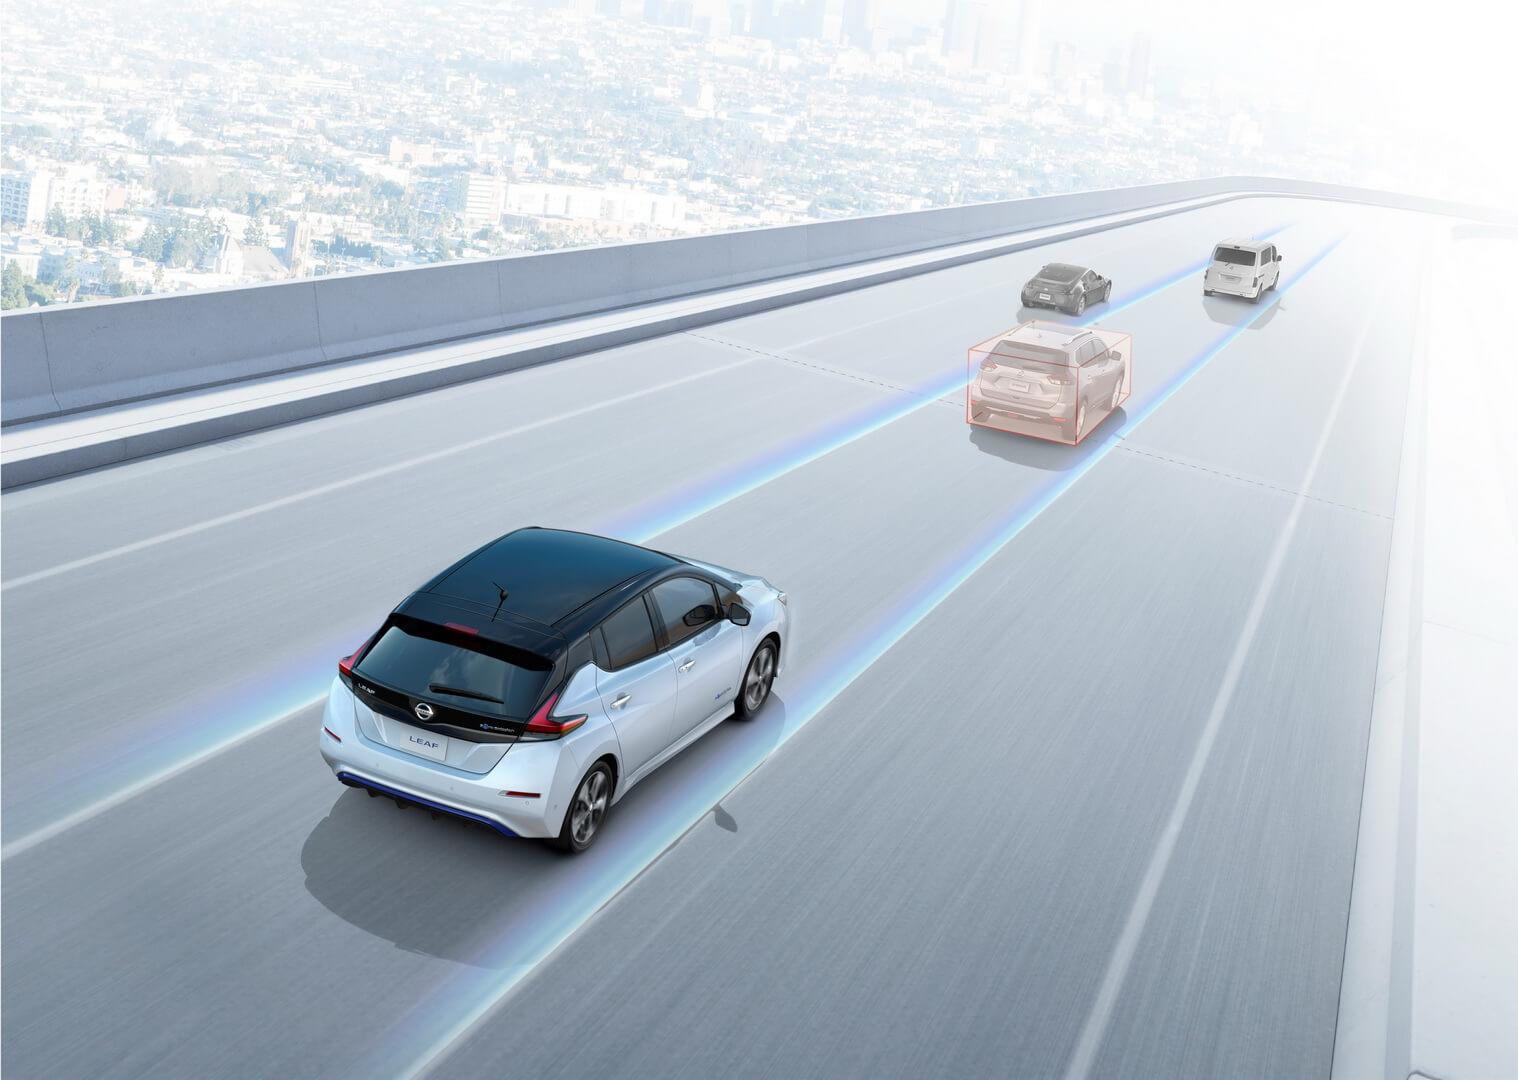 Функция автономного управления электромобилем ProPILOT